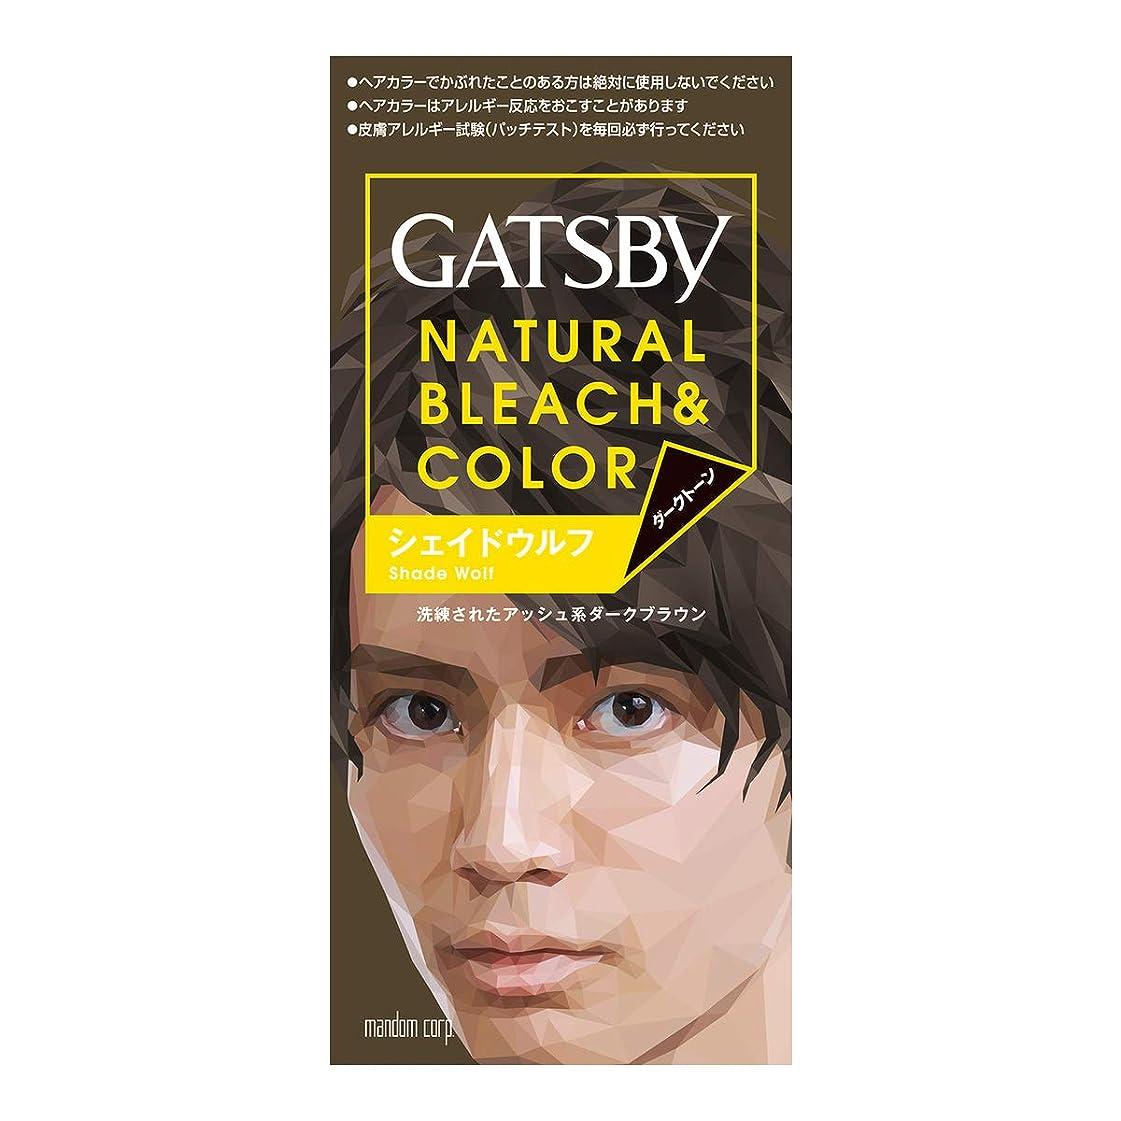 世紀寛容な本質的にGATSBY(ギャツビー) ナチュラルブリーチカラー シェイドウルフ 1剤35g 2剤70mL (医薬部外品)